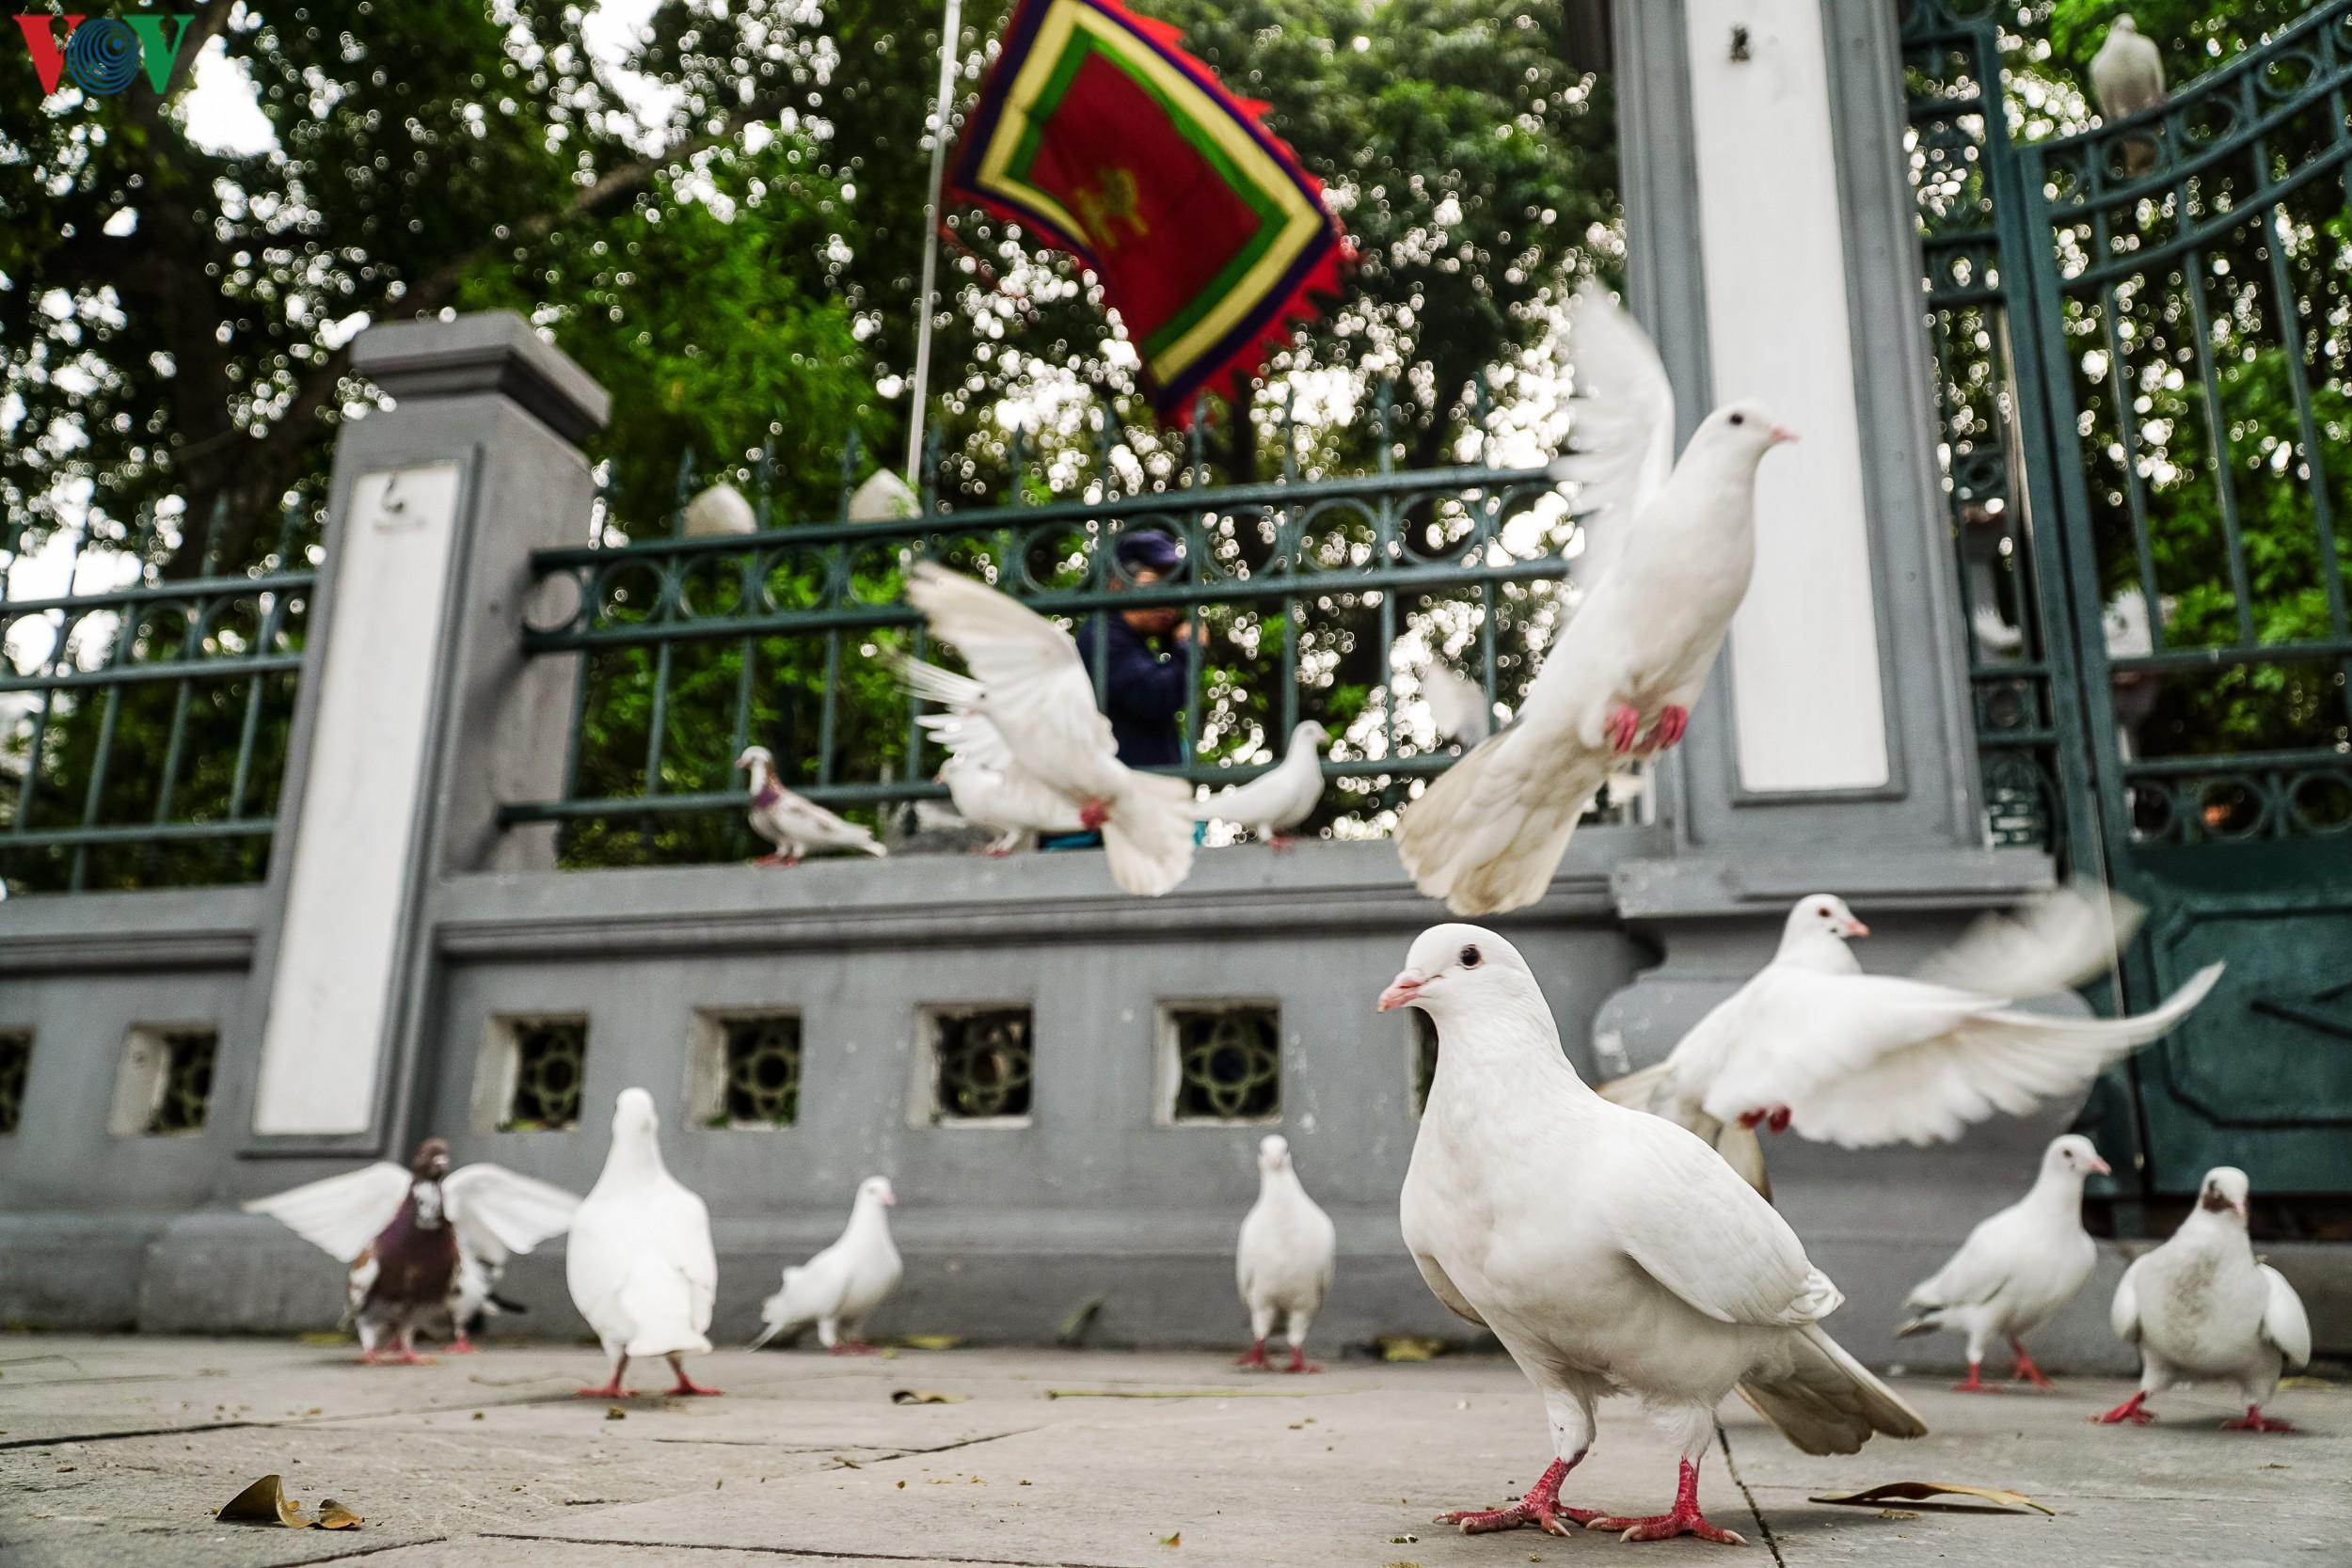 Ngắm đàn chim bồ câu bên hồ Hoàn Kiếm Ảnh 1